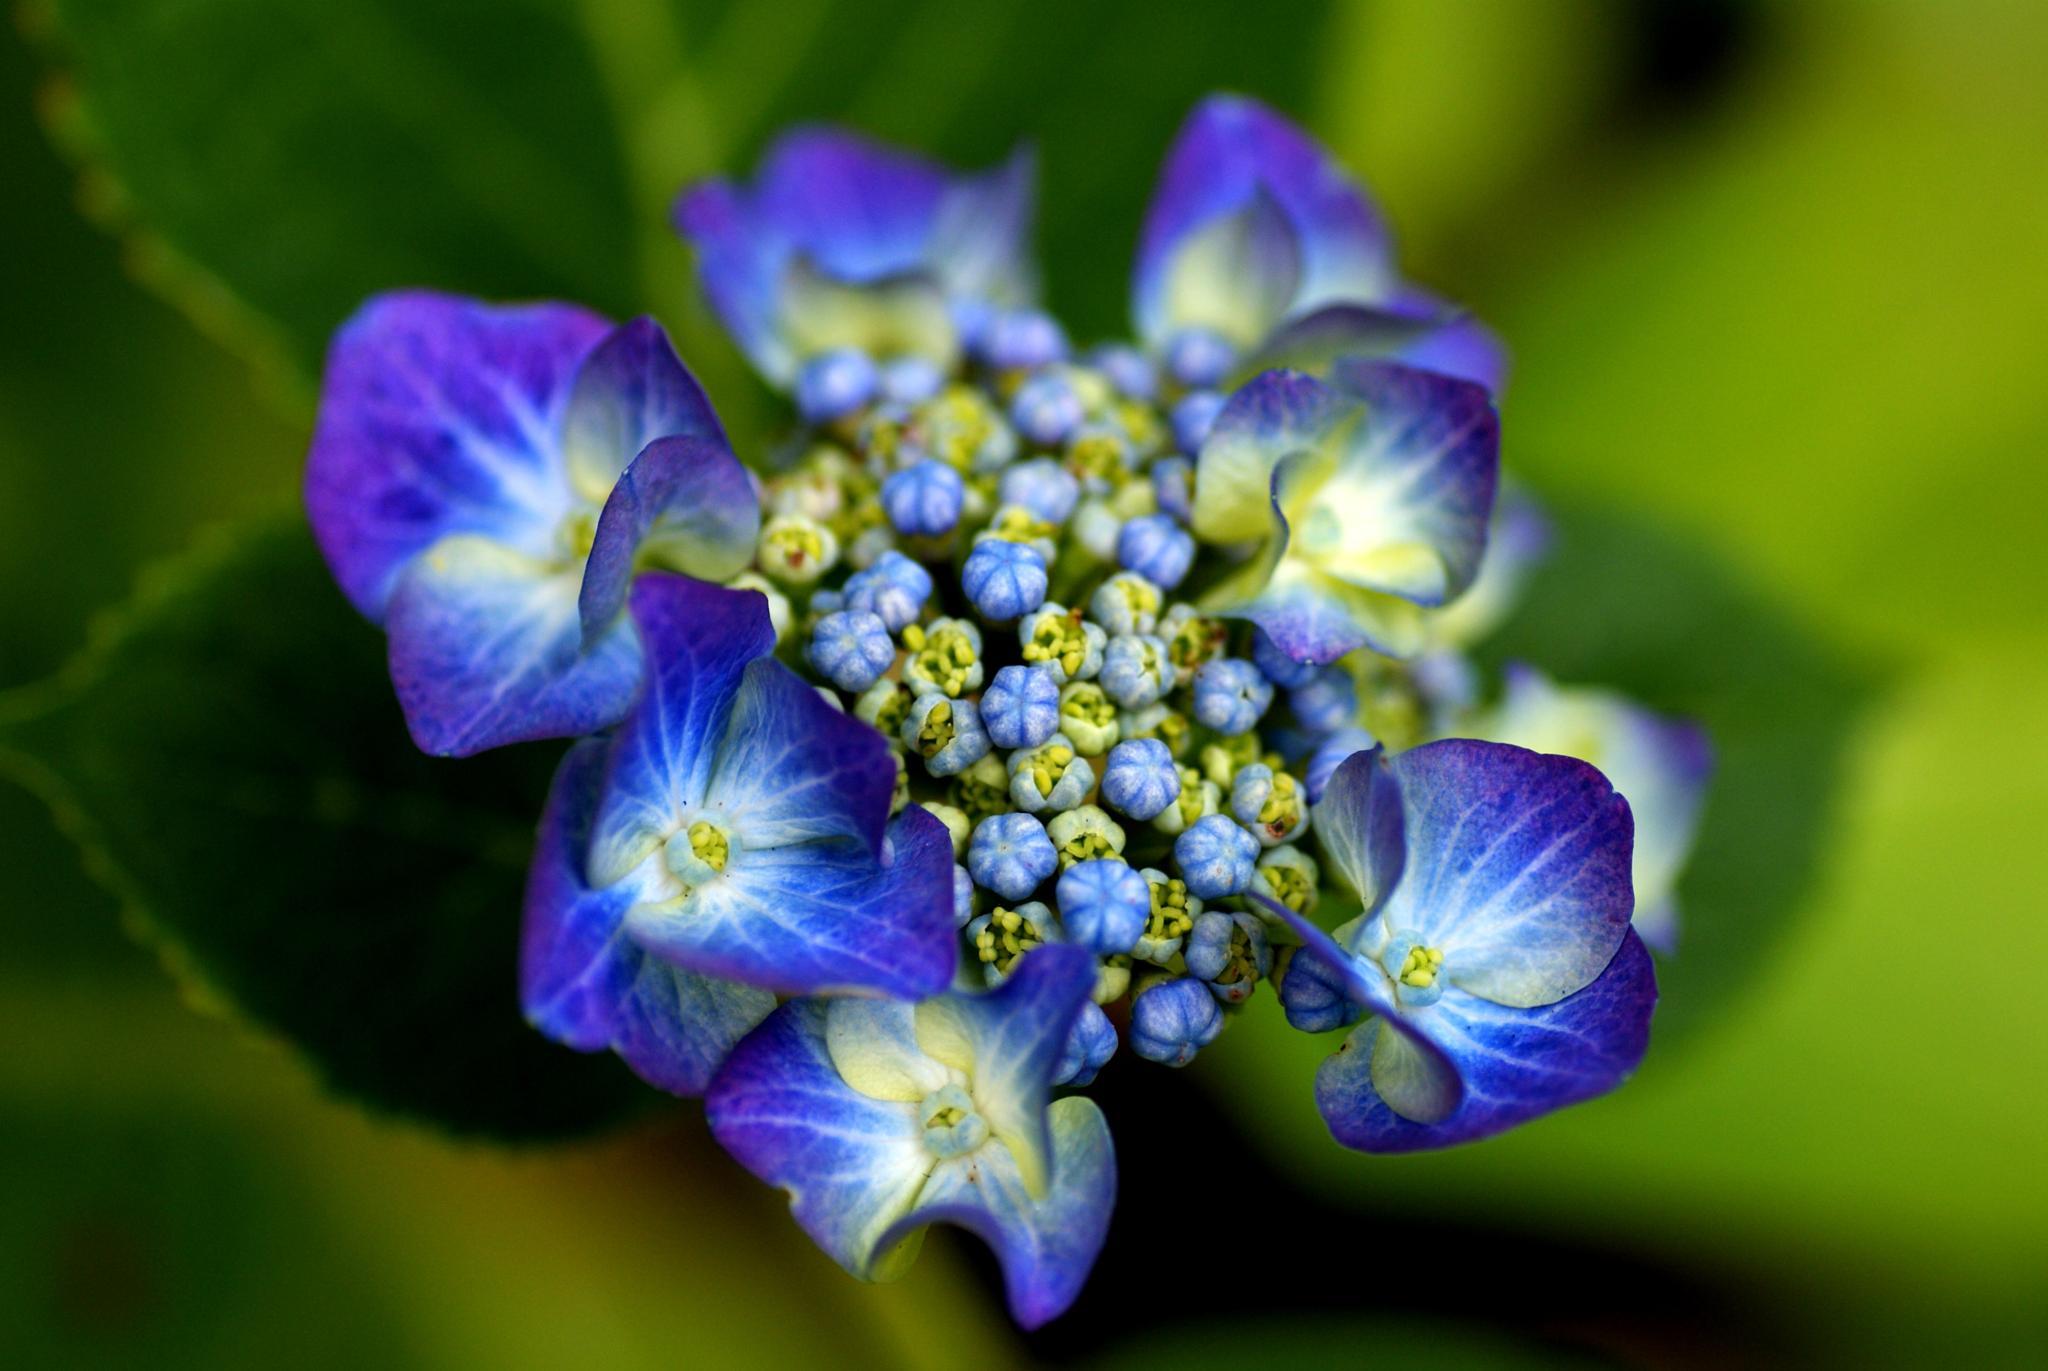 Blue On Green by DenisJosephDalby